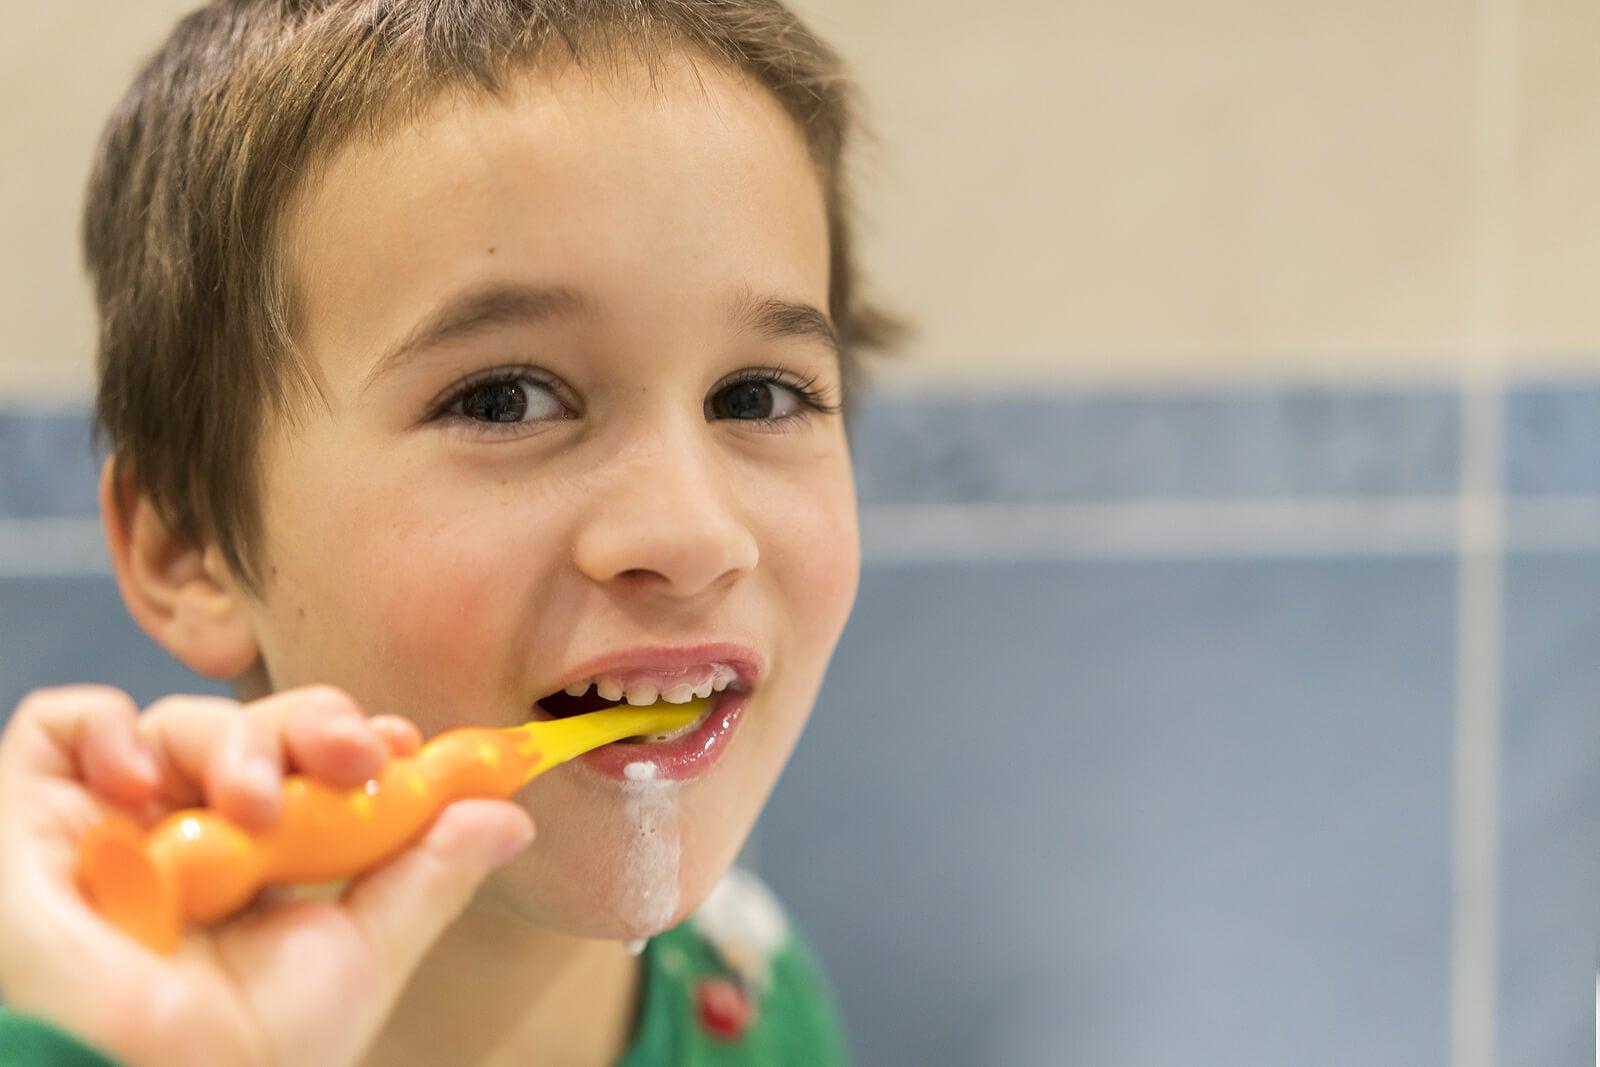 Niño lavándose los dientes con una pasta con flúor.